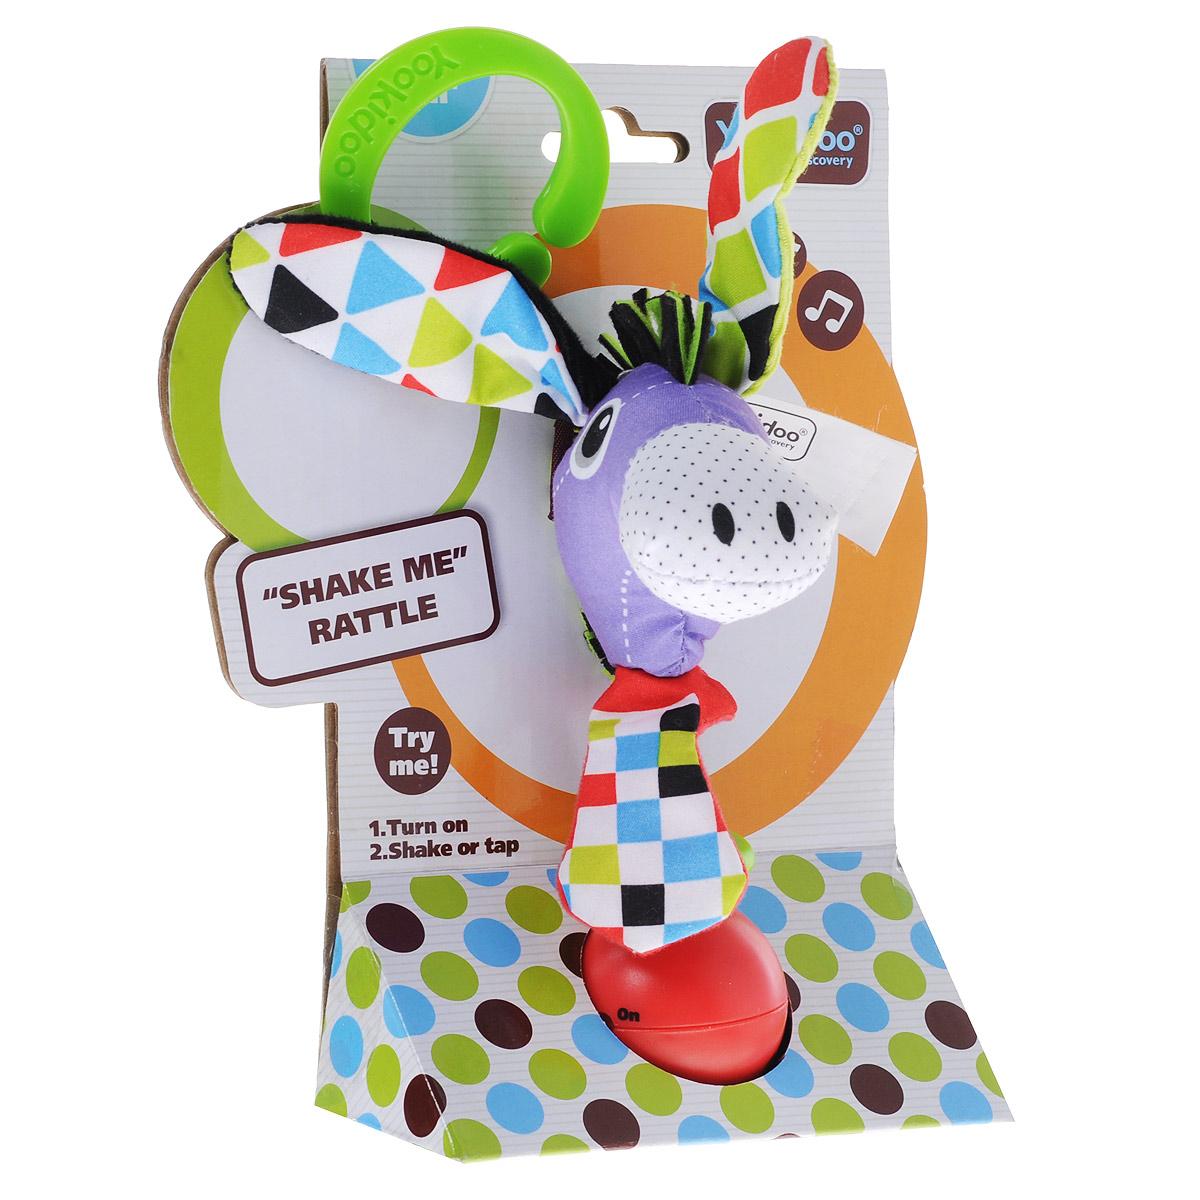 Развивающая игрушка-погремушка Yookidoo Ослик40135Мягкая развивающая игрушка-погремушка Ослик выполнена из текстильного материала различных цветов и фактур в виде симпатичного ослика с галстуком. Голова ослика крепится на подставку, на которую нанизаны три разноцветных колечка. Ушки ослика и галстук оснащены шуршащими элементами. Играть с такой погремушкой сплошное удовольствие! Если встряхнуть ослика, он начинает воспроизводить различные звуковые эффекты. В комплект входит пластиковое кольцо, благодаря которому игрушку легко можно прикрепить к кроватке, коляске, автокреслу или развивающему коврику. Игрушка работает от 3-х батареек 1,5 V типа AG 13 (входят в комплект). Игрушка-погремушка Ослик поможет ребенку в развитии цветового и звукового восприятия, концентрации внимания, мелкой моторики рук, координации движений и тактильных ощущений, улучшит хватательные навыки малыша, а также подарит отличное настроение.